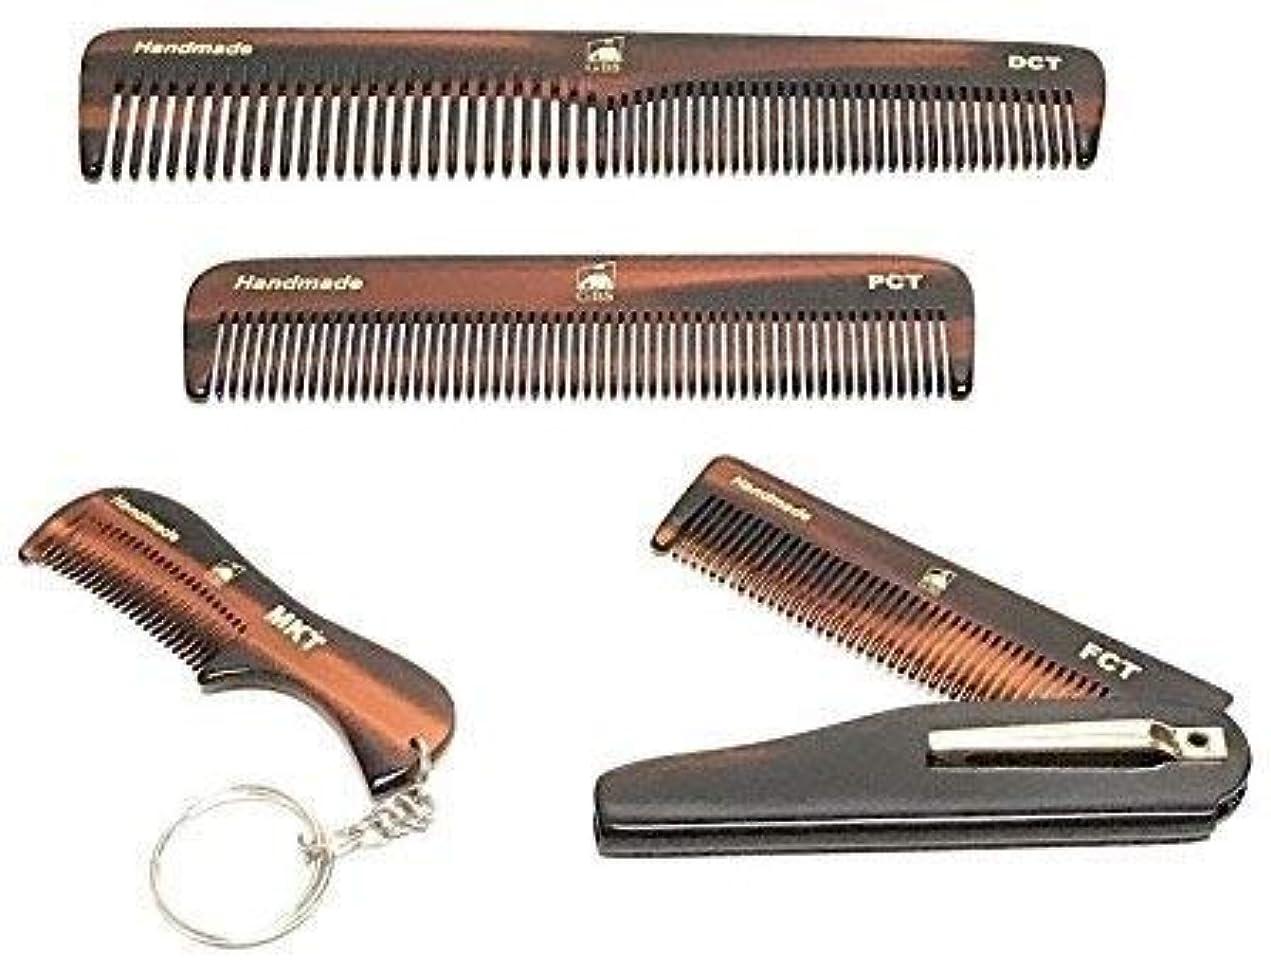 伸ばすつぶやきマーキーGBS Handmade Styling Anti-Static No Snag Saw-cut Teeth Grooming Hair and Beard Comb Set - For Mens Care - Dressing...